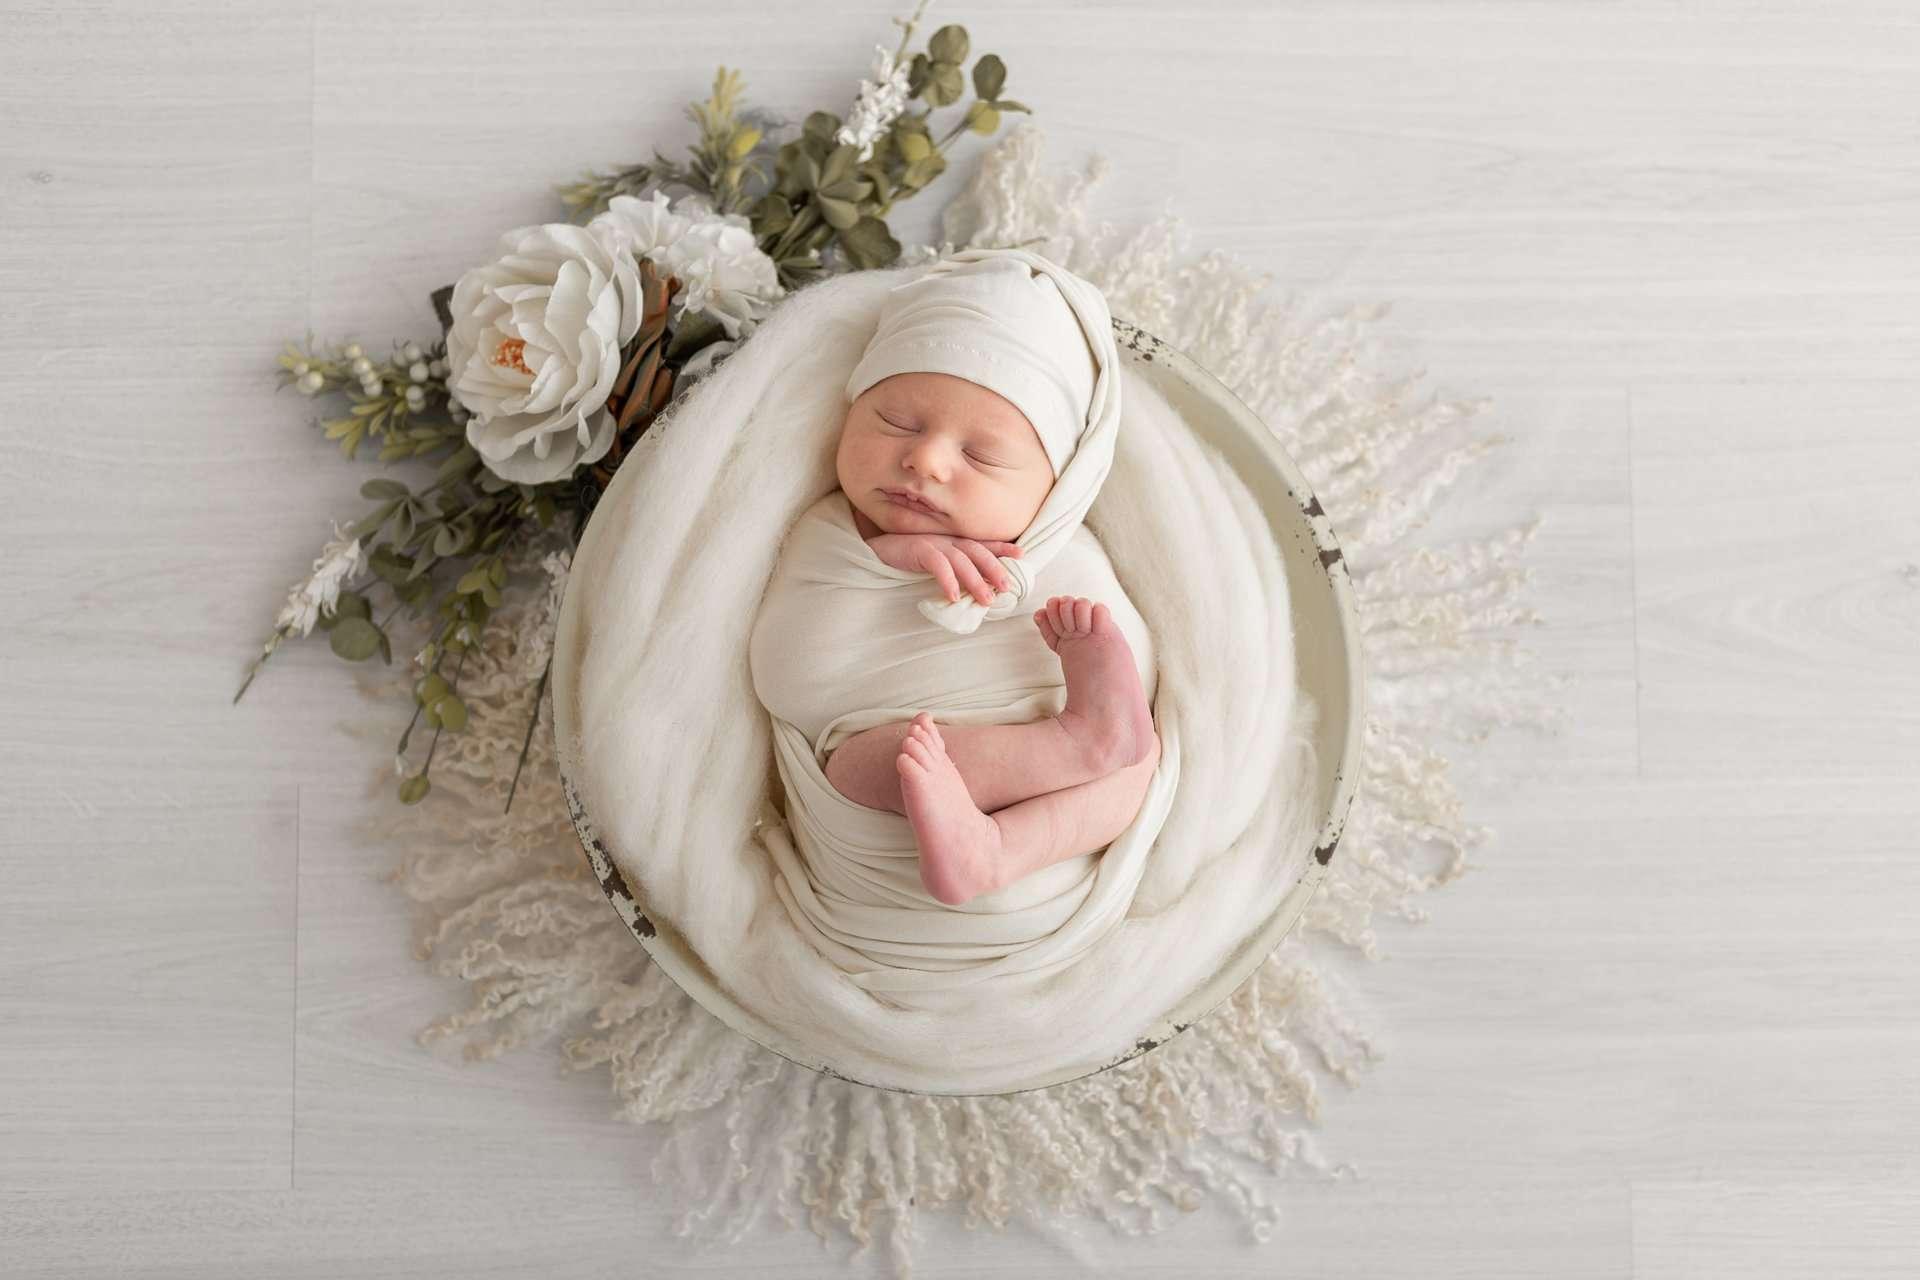 Fotografia newborn con fiori